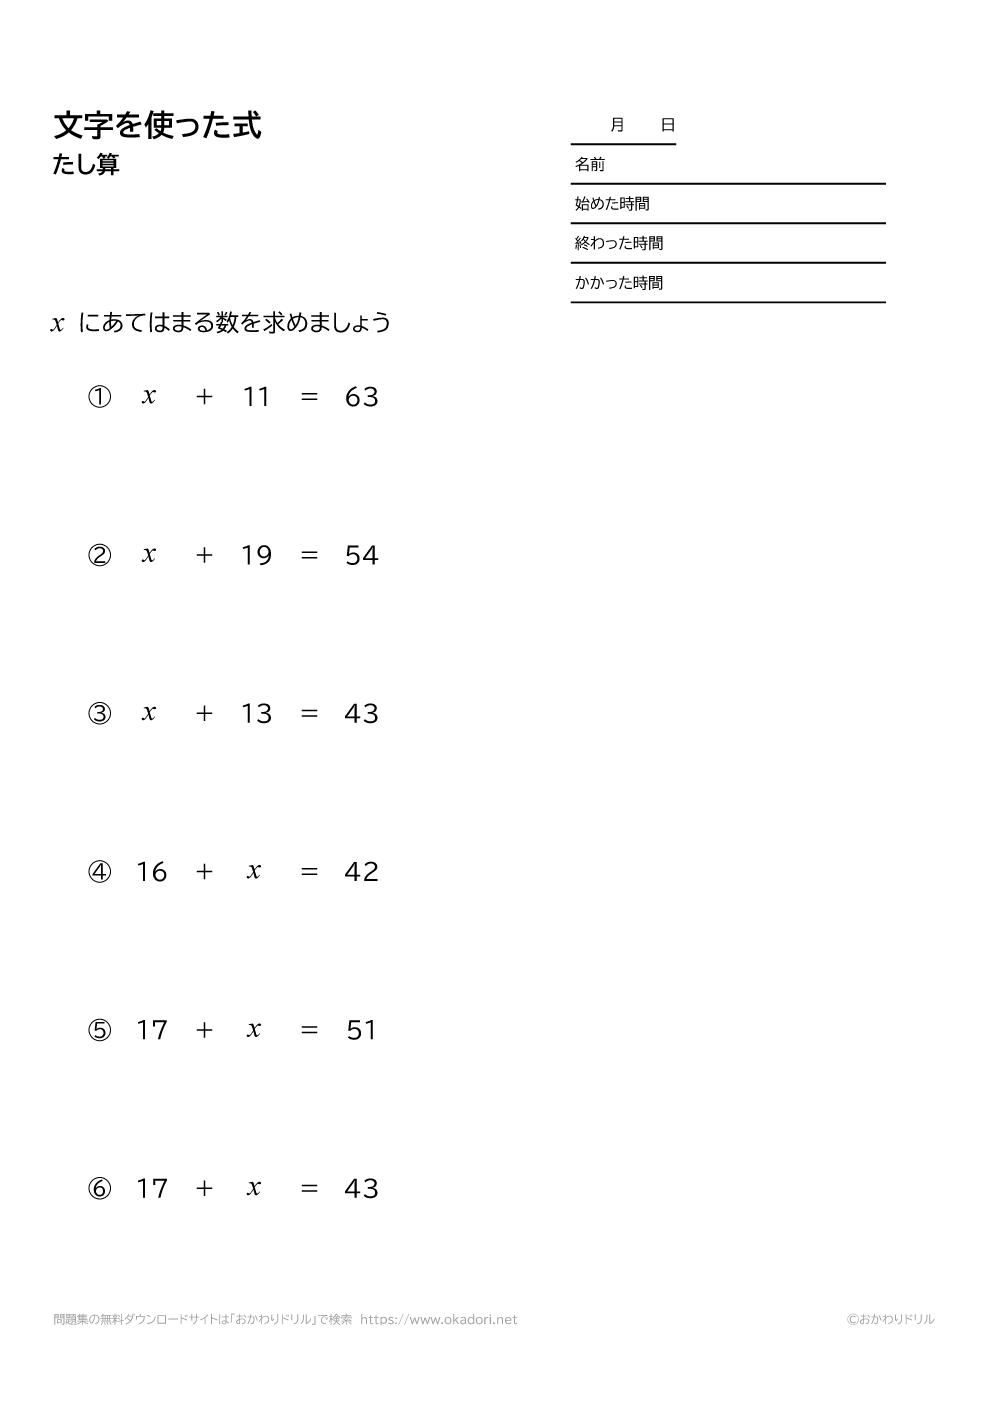 文字を使った式の足し算2